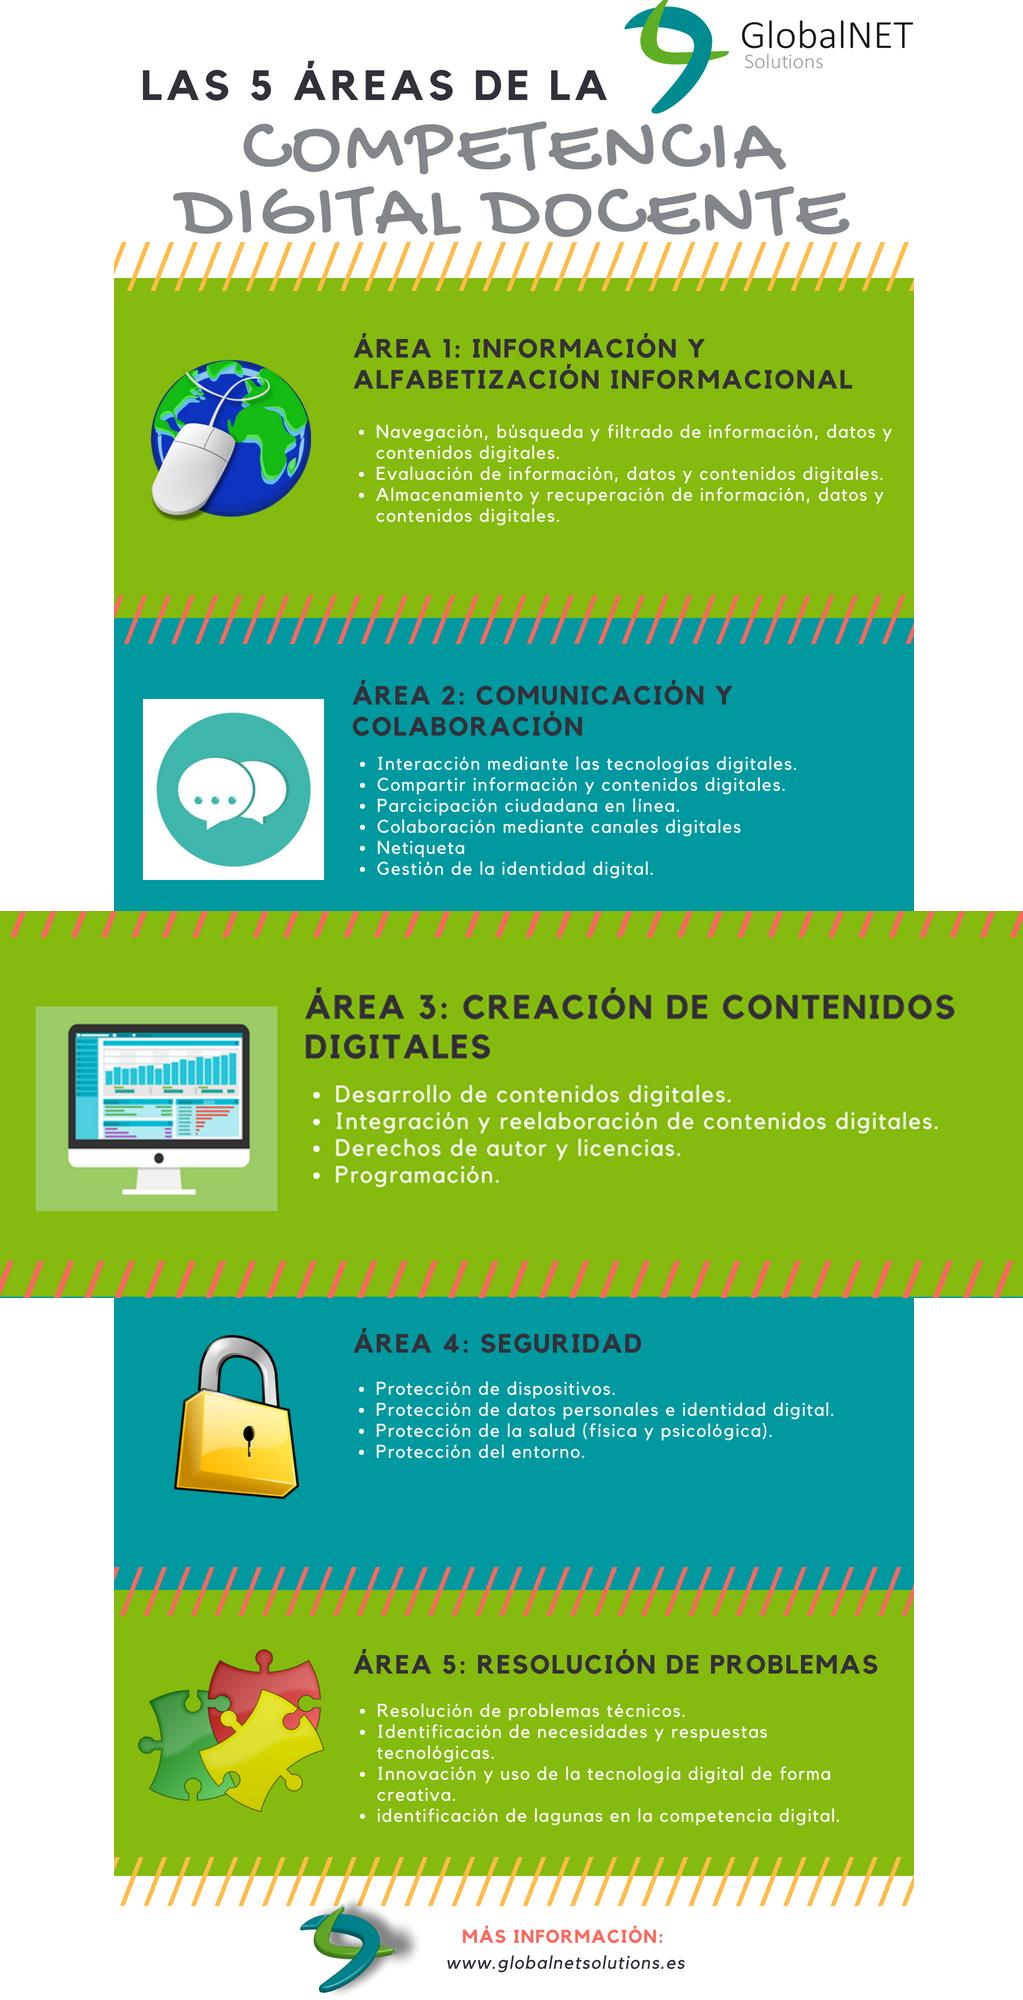 Área III - creación de contenidos digitales